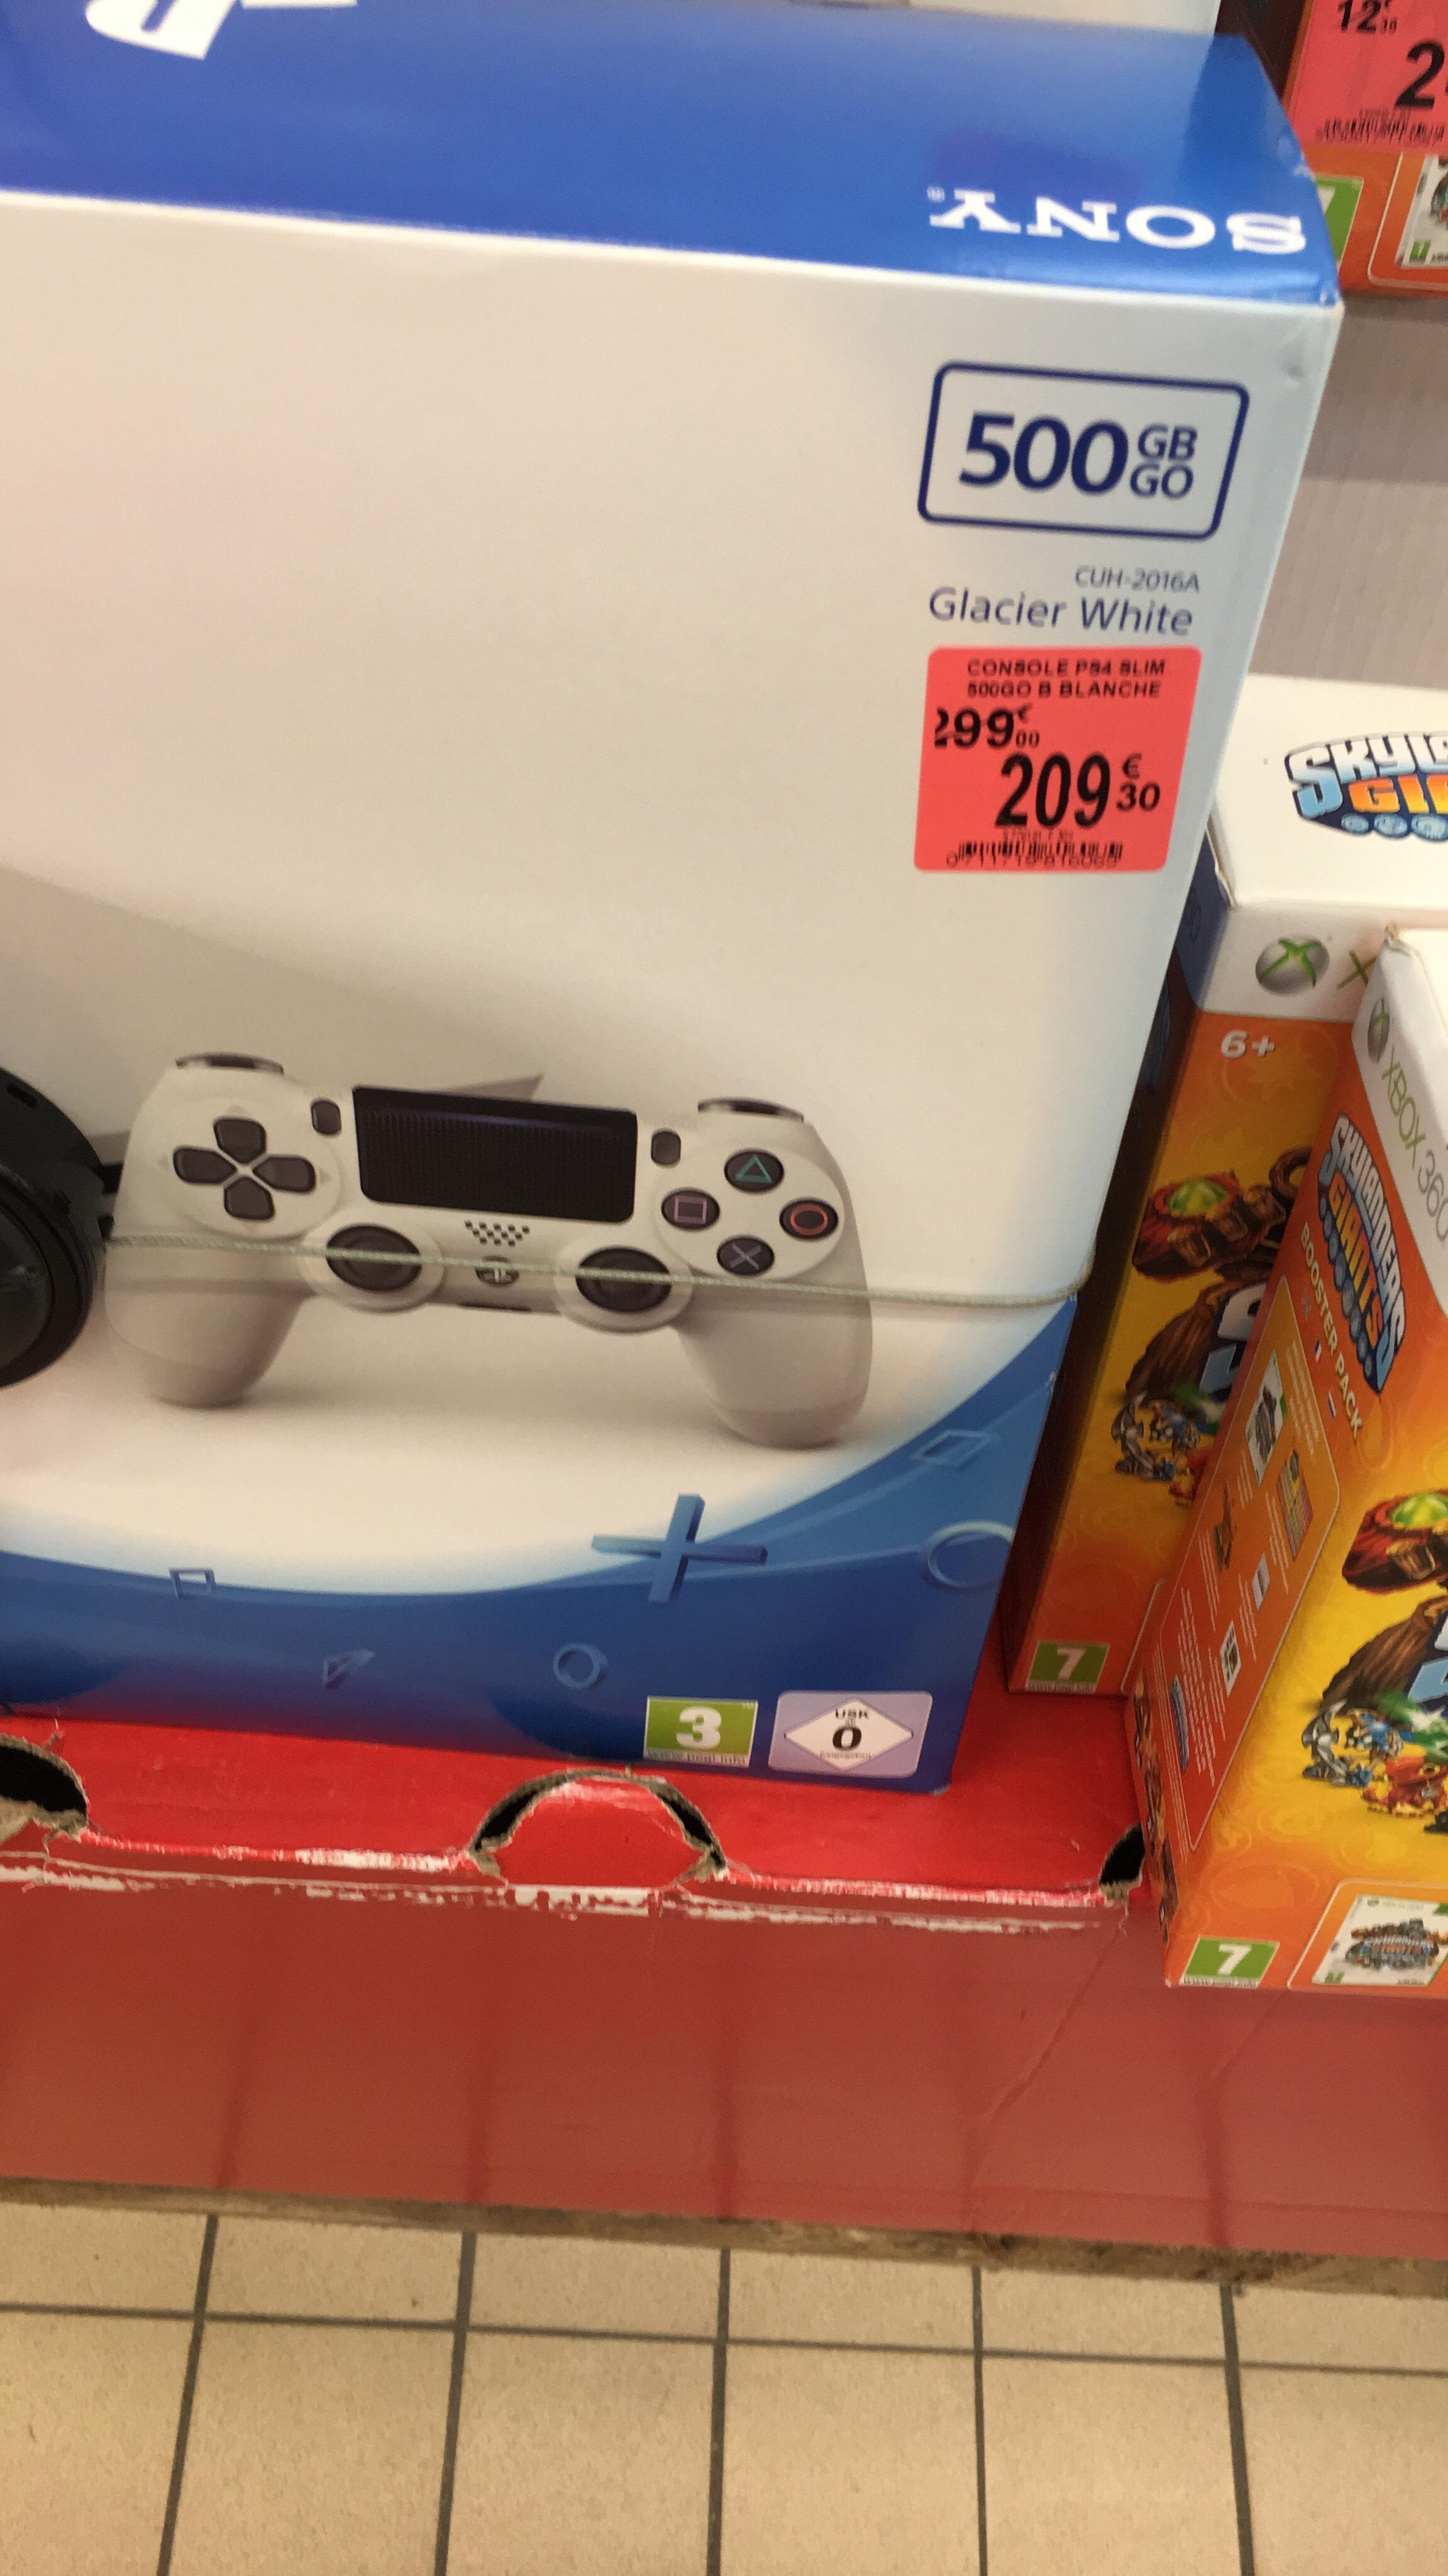 Console Sony PS4 Slim 500 Go - Glacier White (30% : 69,76€ en bon d'achat supplémentaire ce Mercredi 5 Juillet de 18h à 21h)